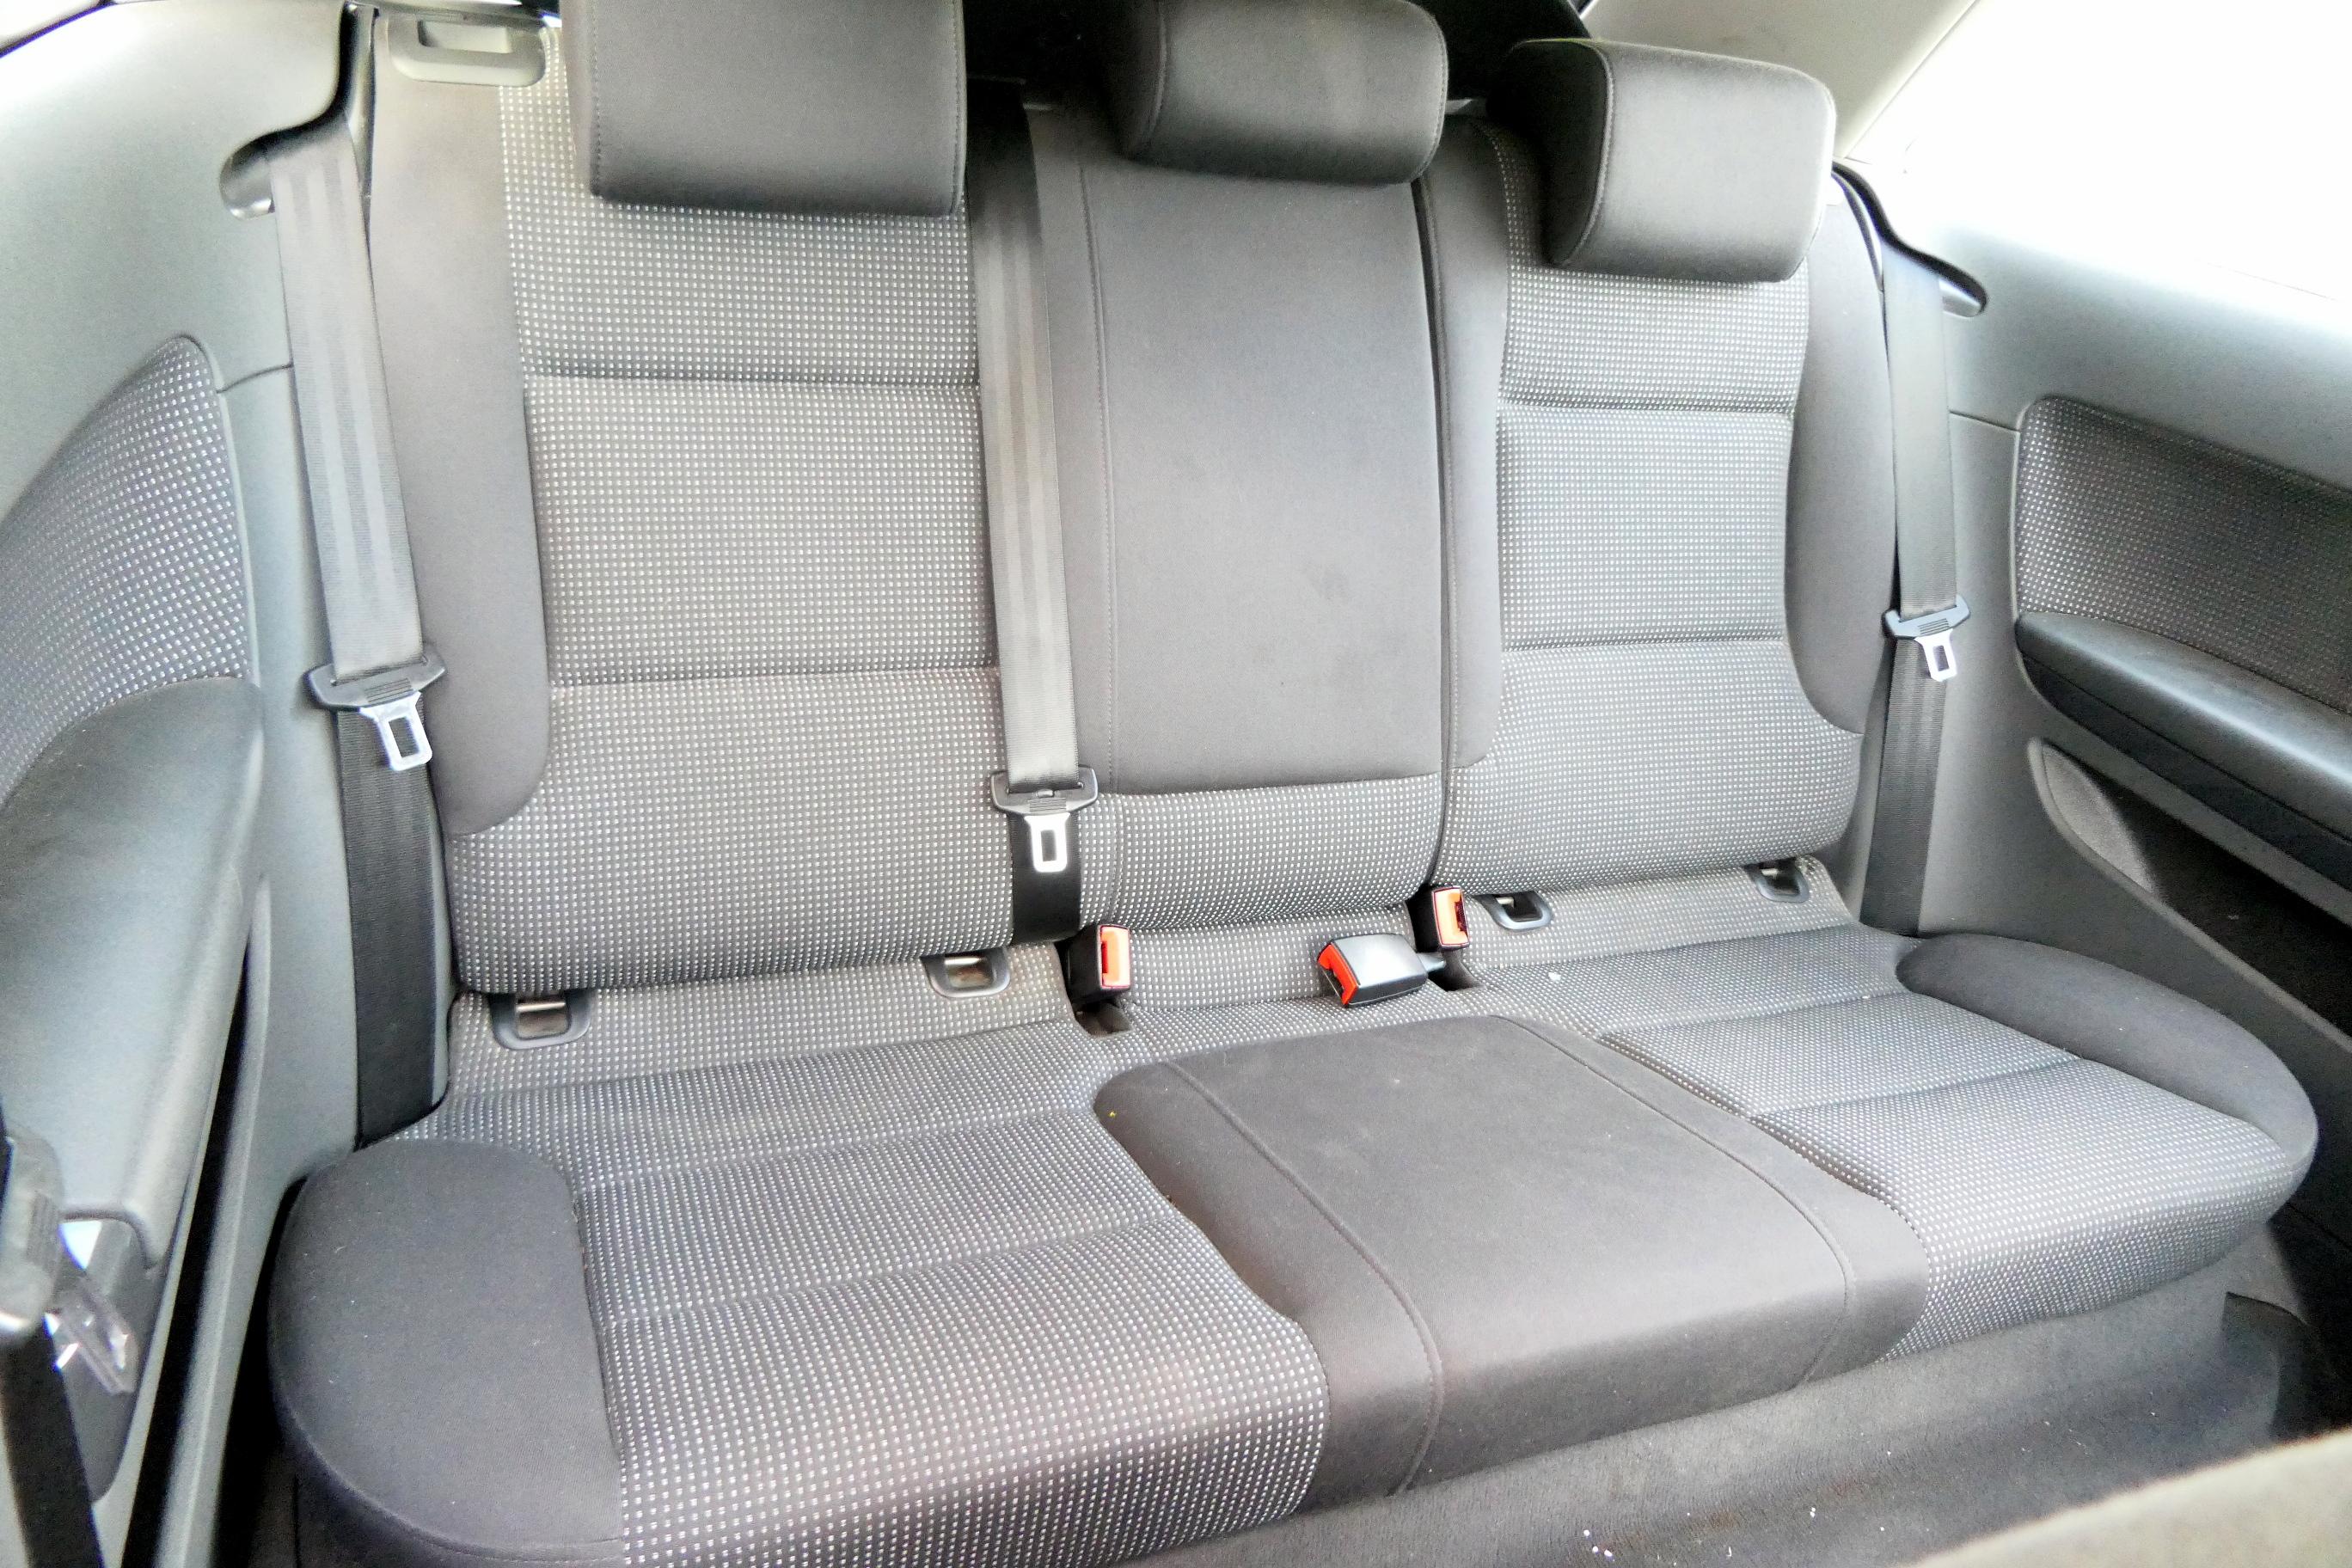 Audi A3 8p Sitze Neu Beziehen